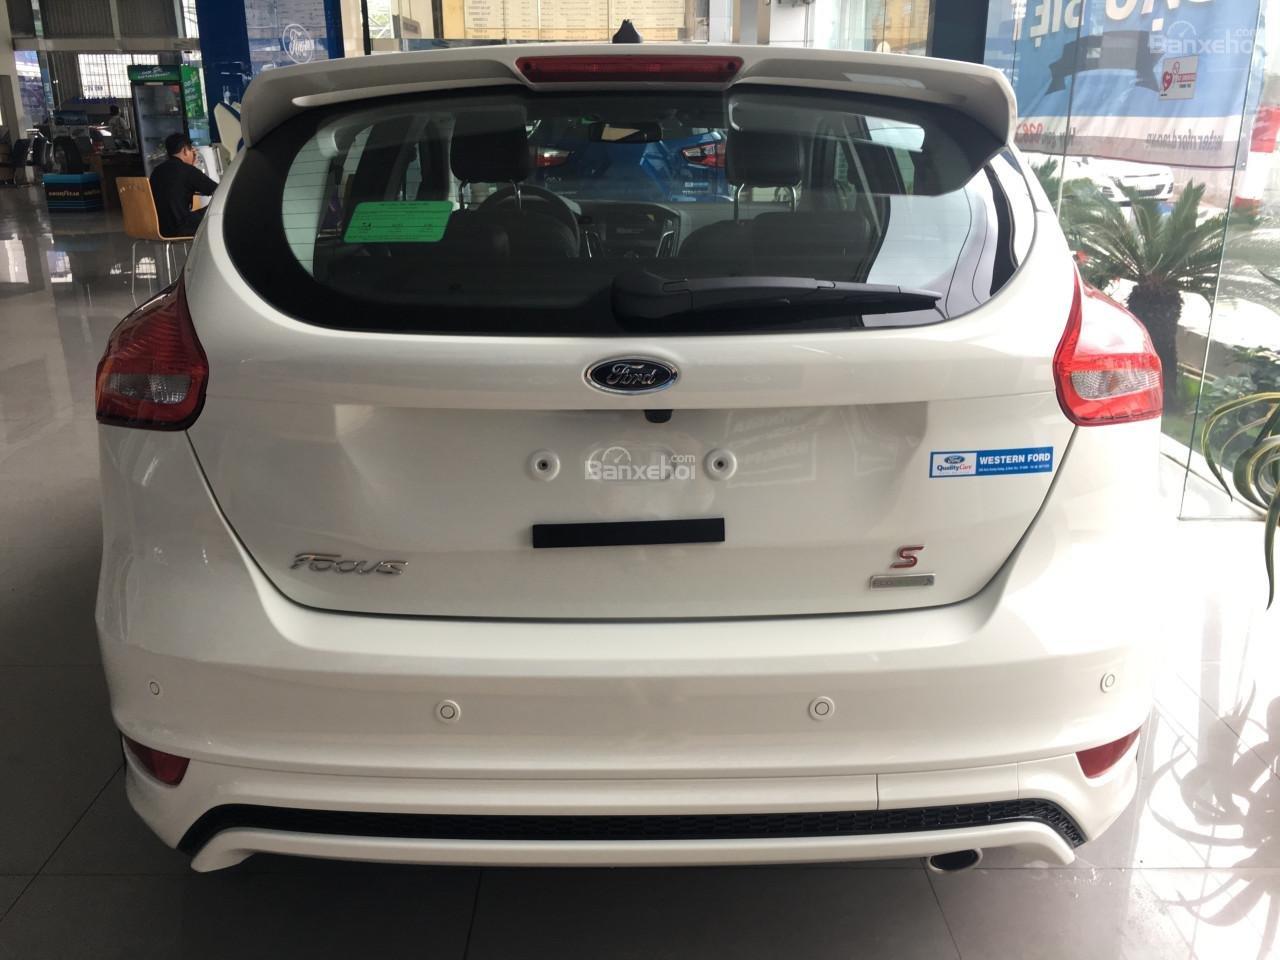 Bán Ford Focus 2018 Ecoboost, tặng ngay: Dán phim, camera hành trình, ghế bọc da, giao xe toàn quốc-3